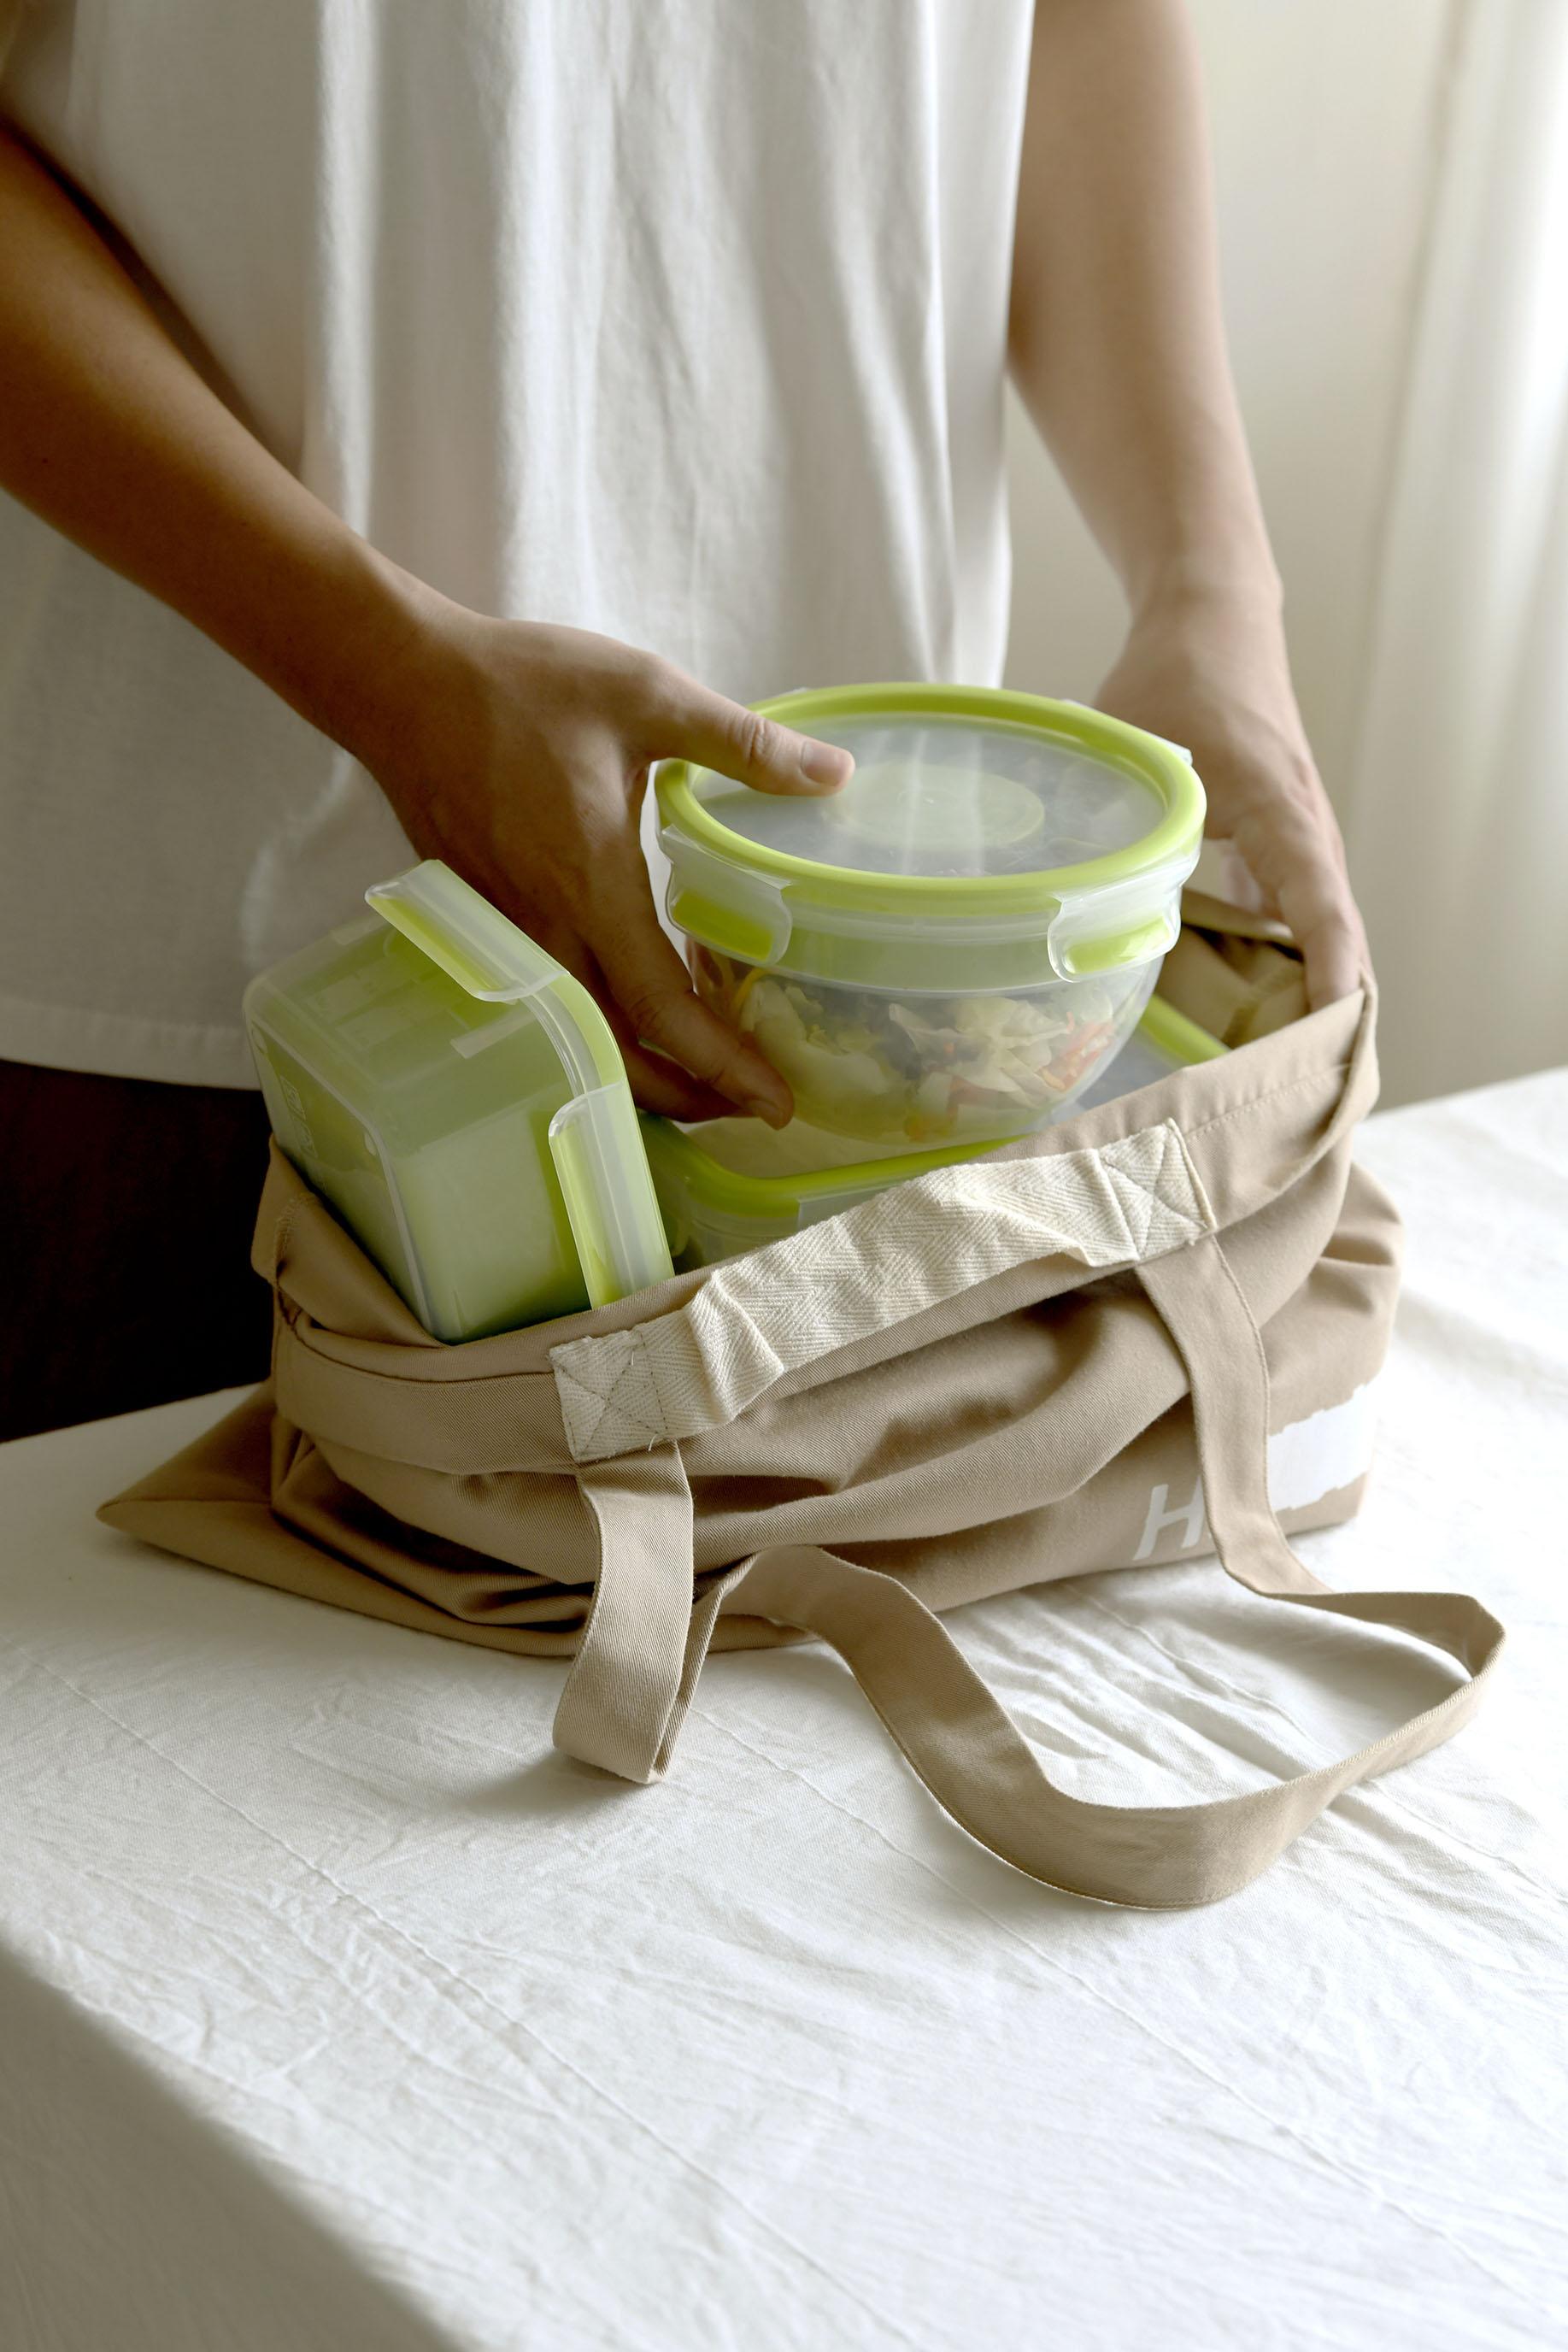 Tefal 特福|免拆洗無縫膠圈保鮮盒,輕鬆打包一日三餐與貪嘴日常。